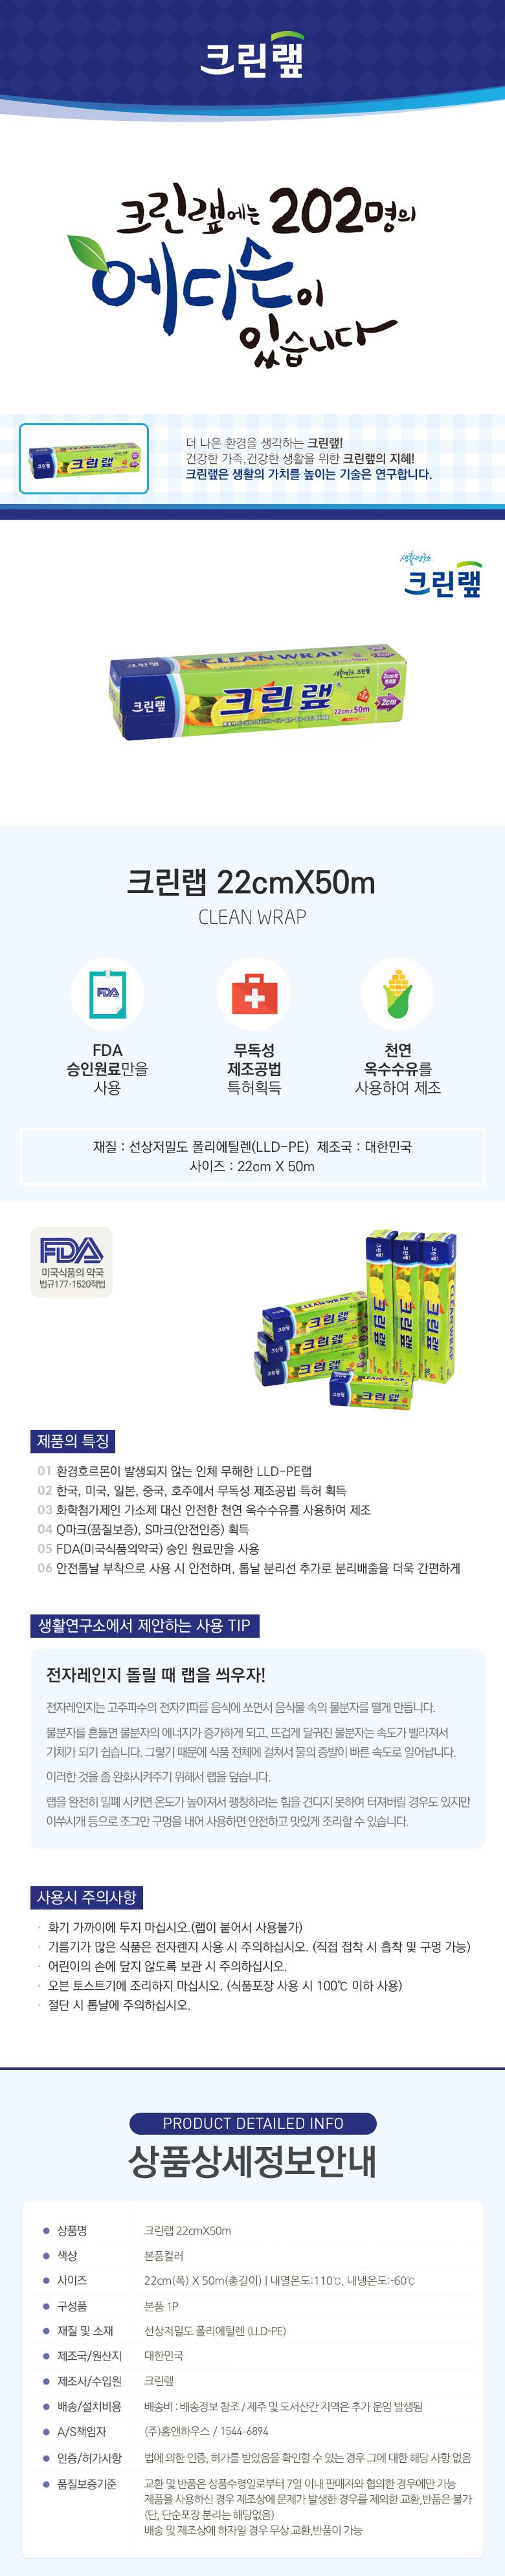 크린랩 22cmX50m - 홈앤하우스, 4,200원, 음식보관, 랩